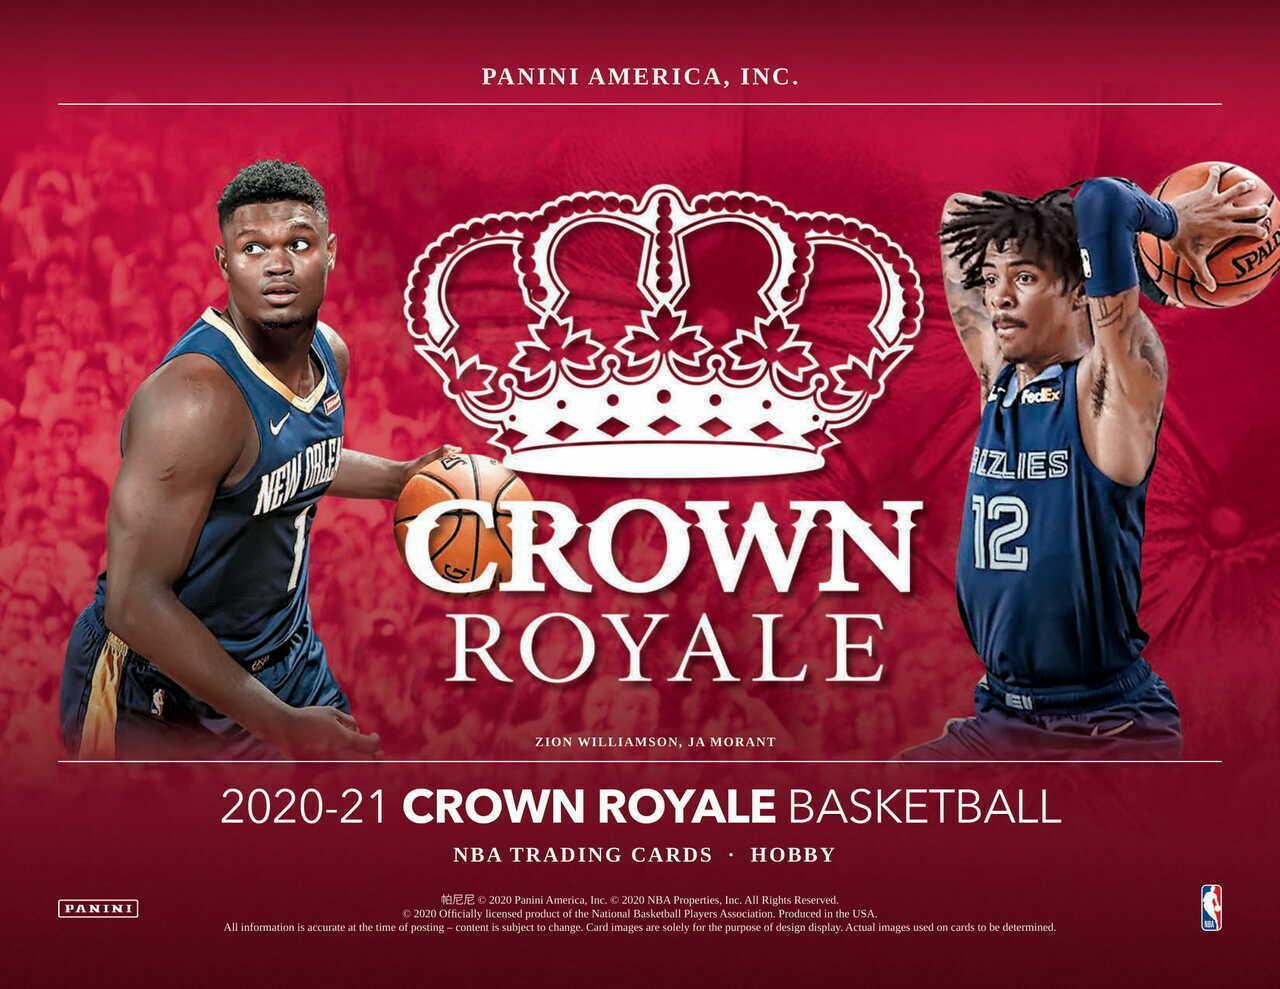 2020-21 Panini Crowne Royale Basketball